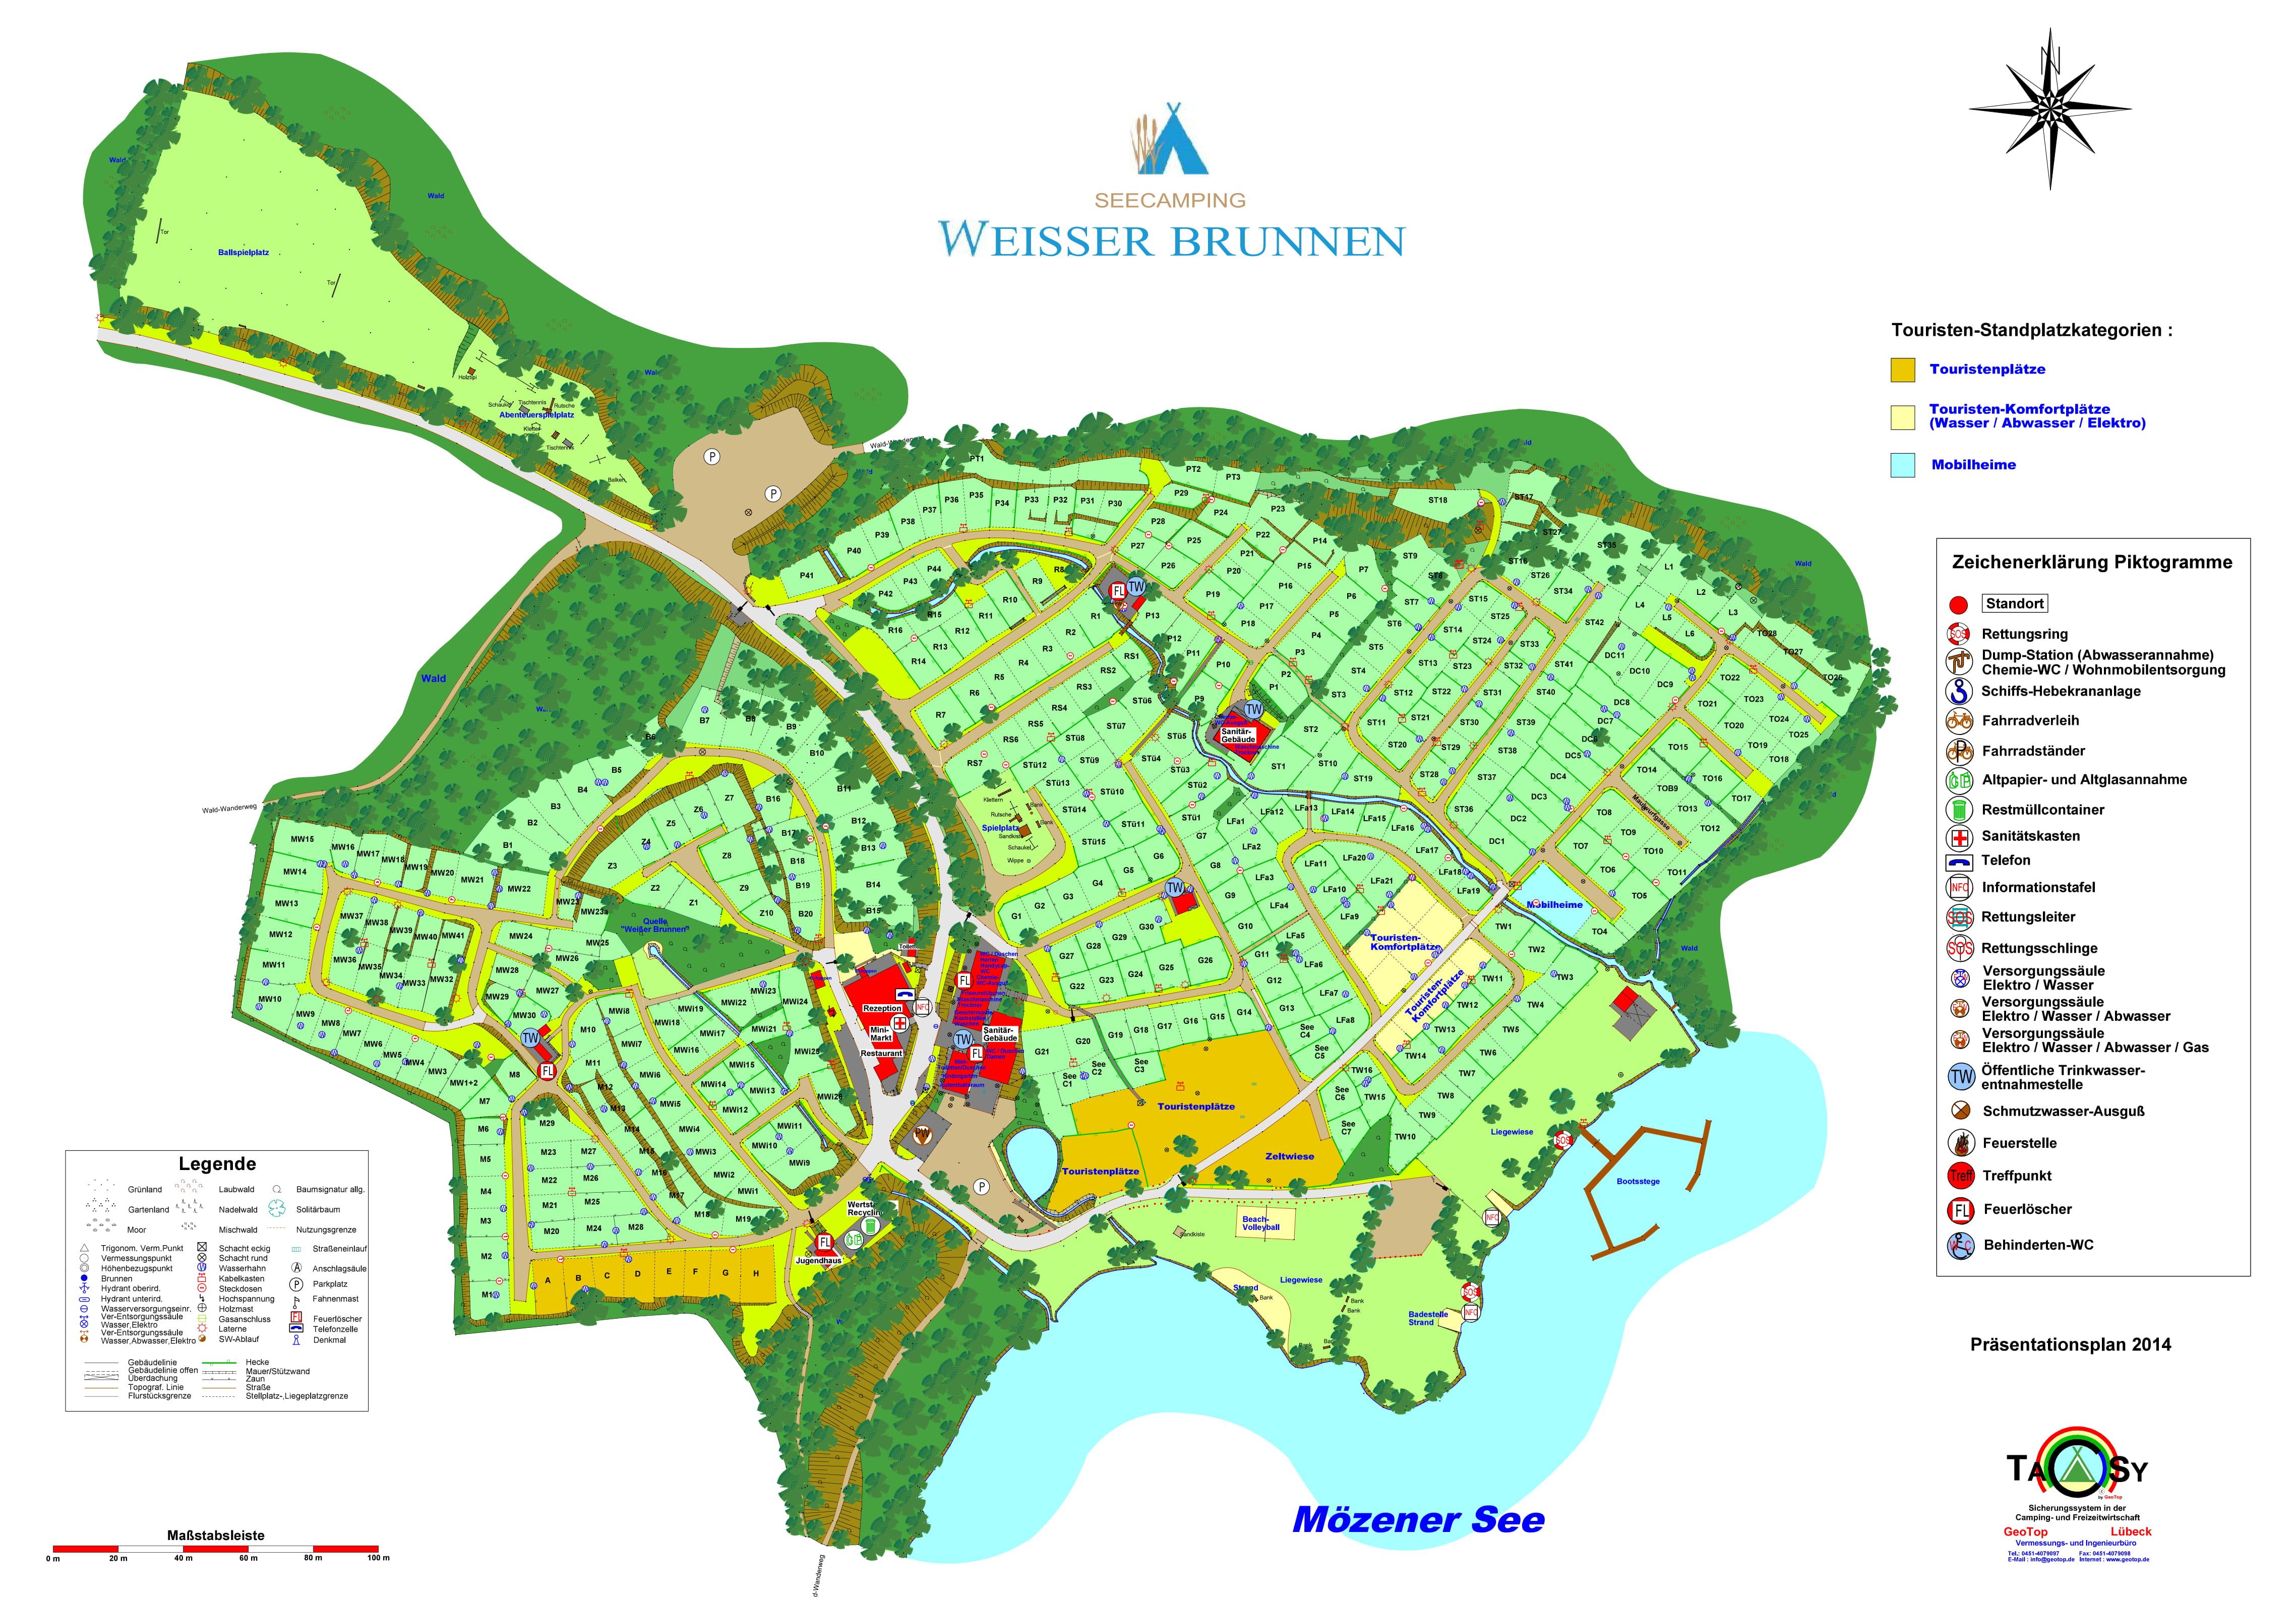 201225_Seecamping Weisser Brunnen_Präsentationsplan_Handzettel_A2_Druck_300414-1